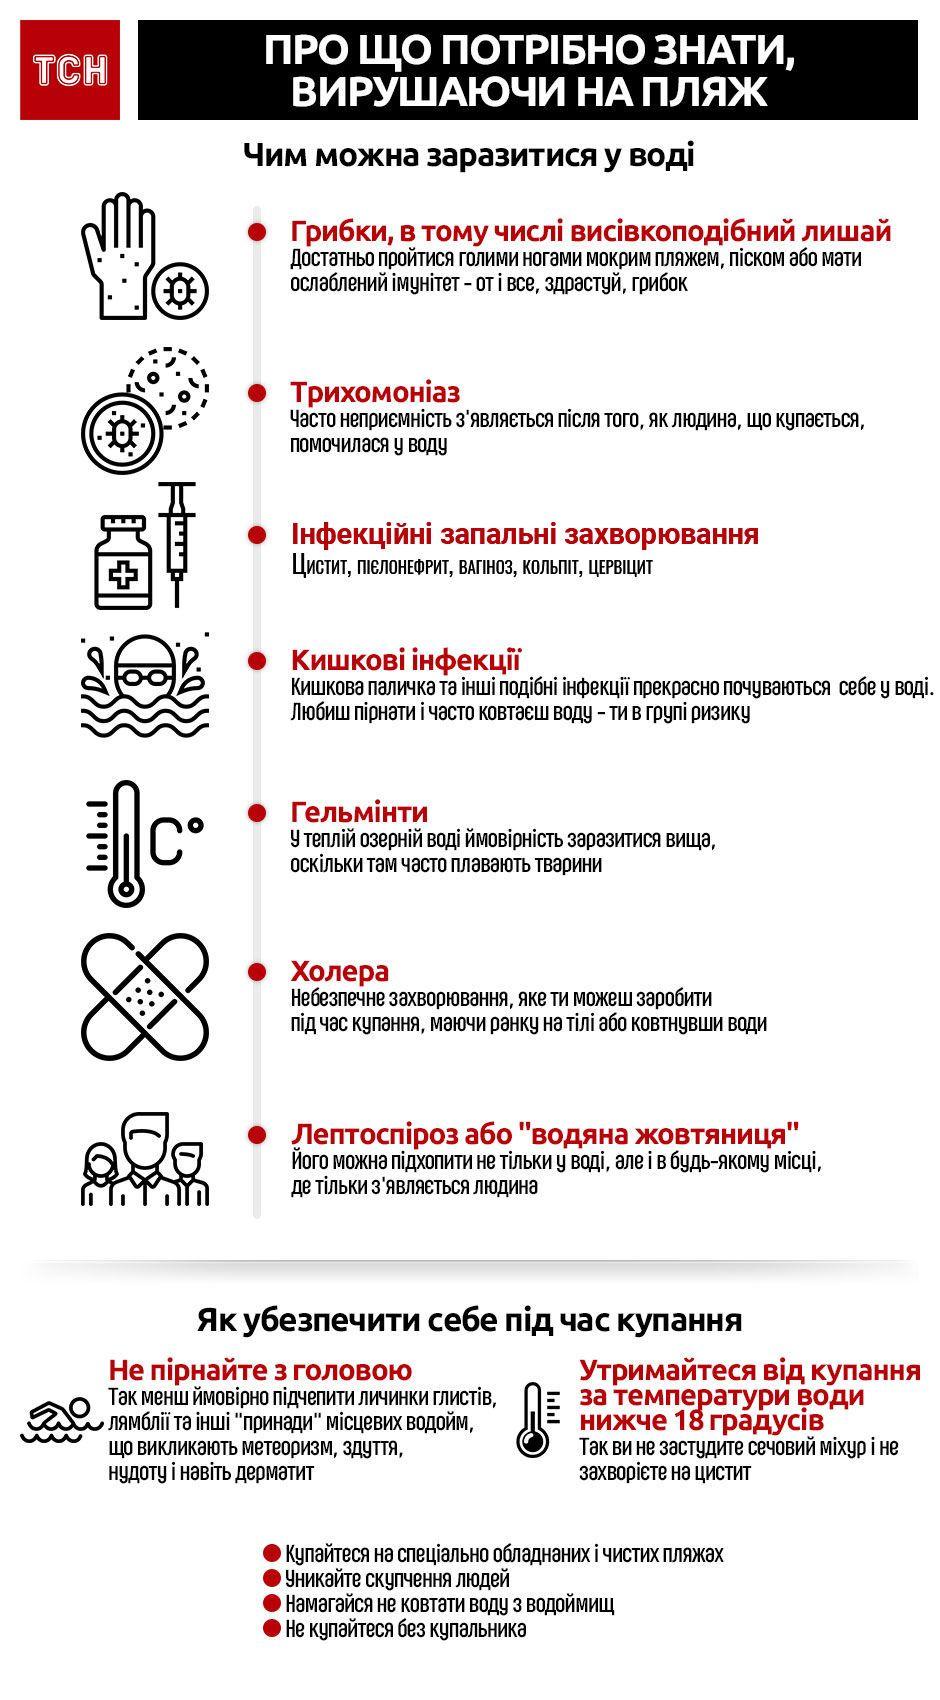 Безпечне купання_інфографіка